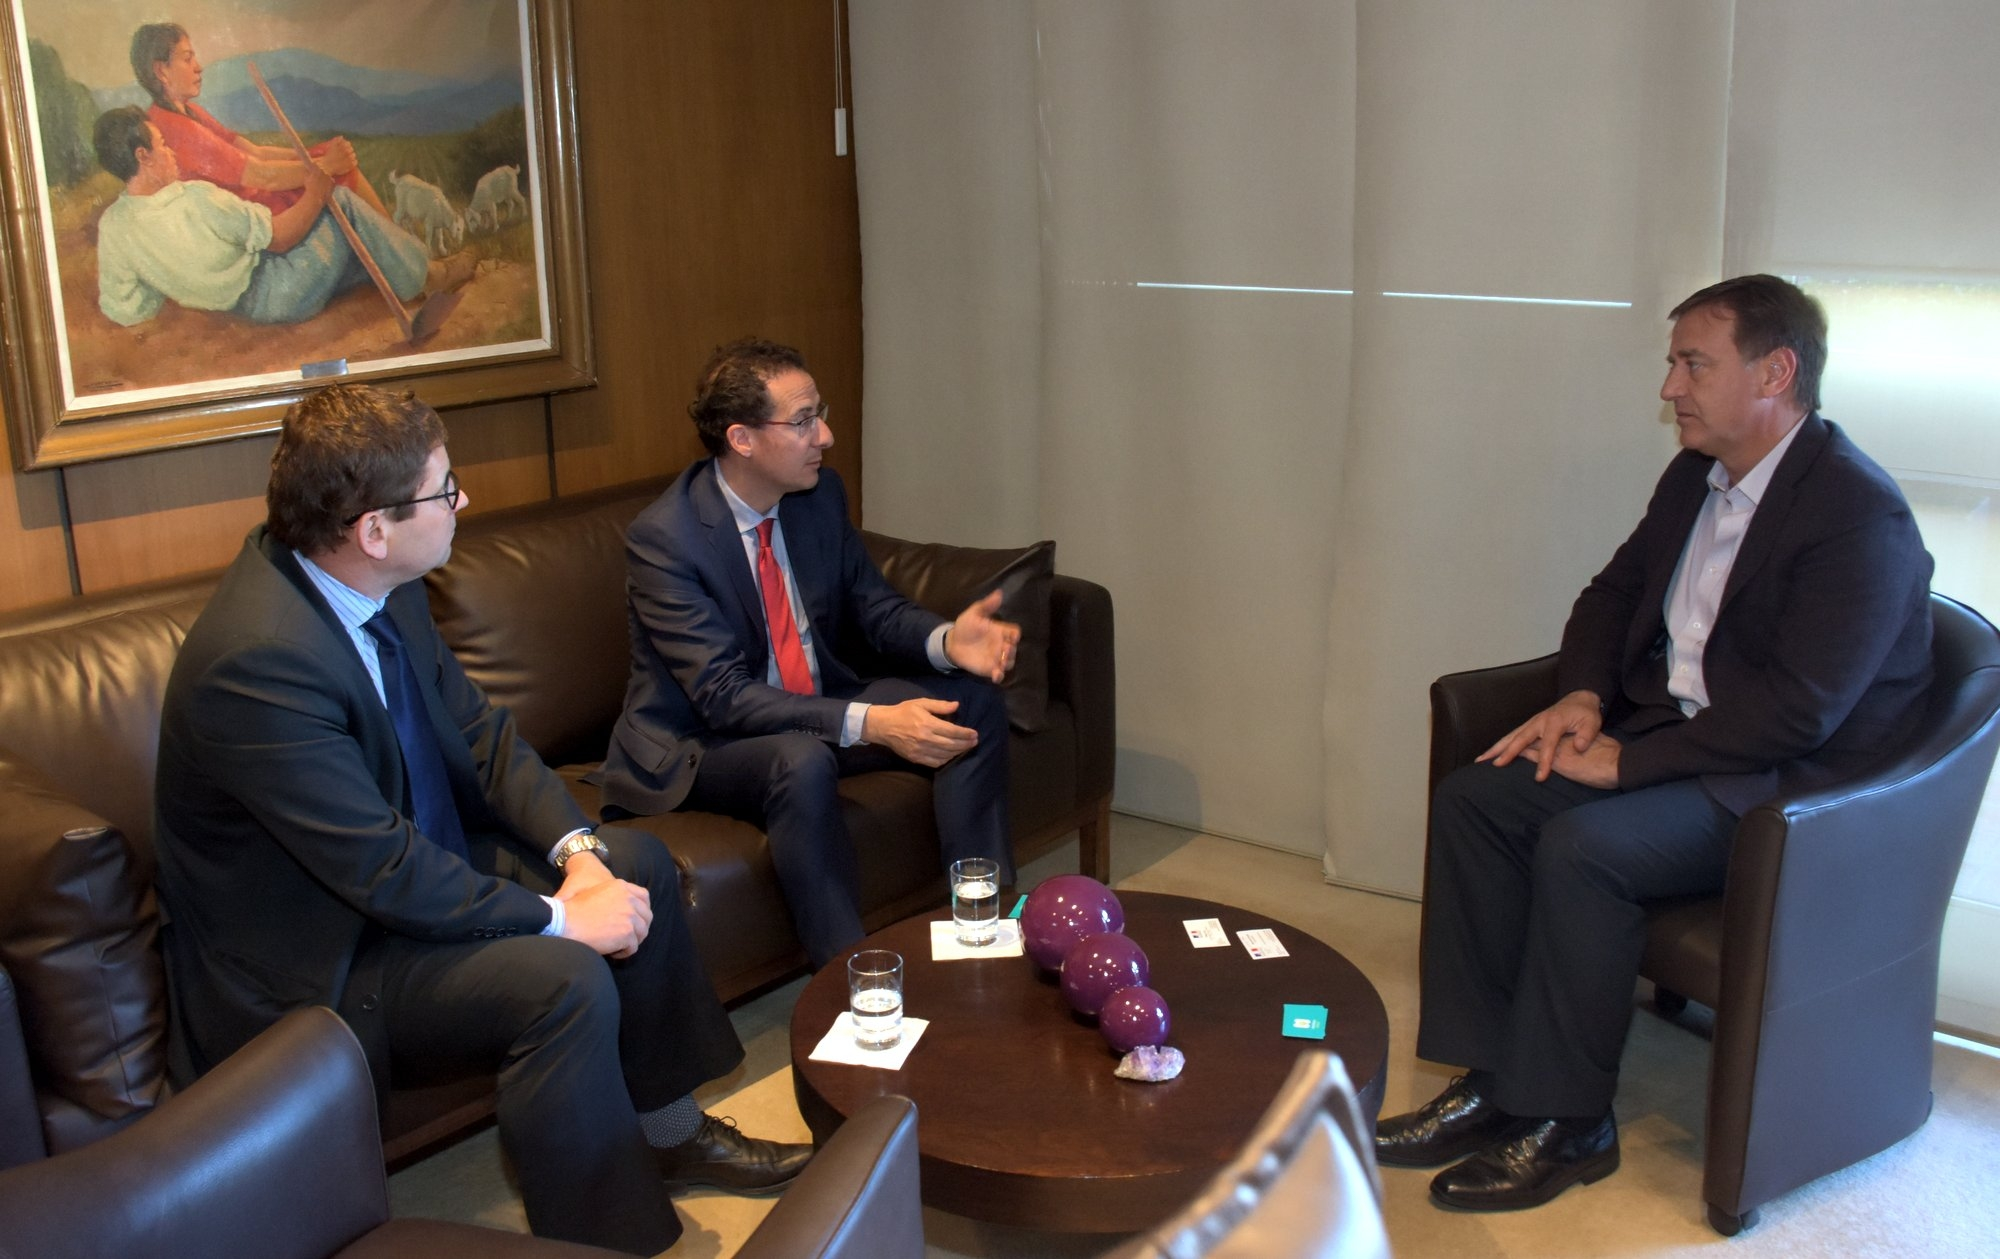 Rodolfo Suarez junto al Cónsul General de Francia, Julien Jean Bouchard y al Cónsul Honorario de Mendoza, Philippe Rolet